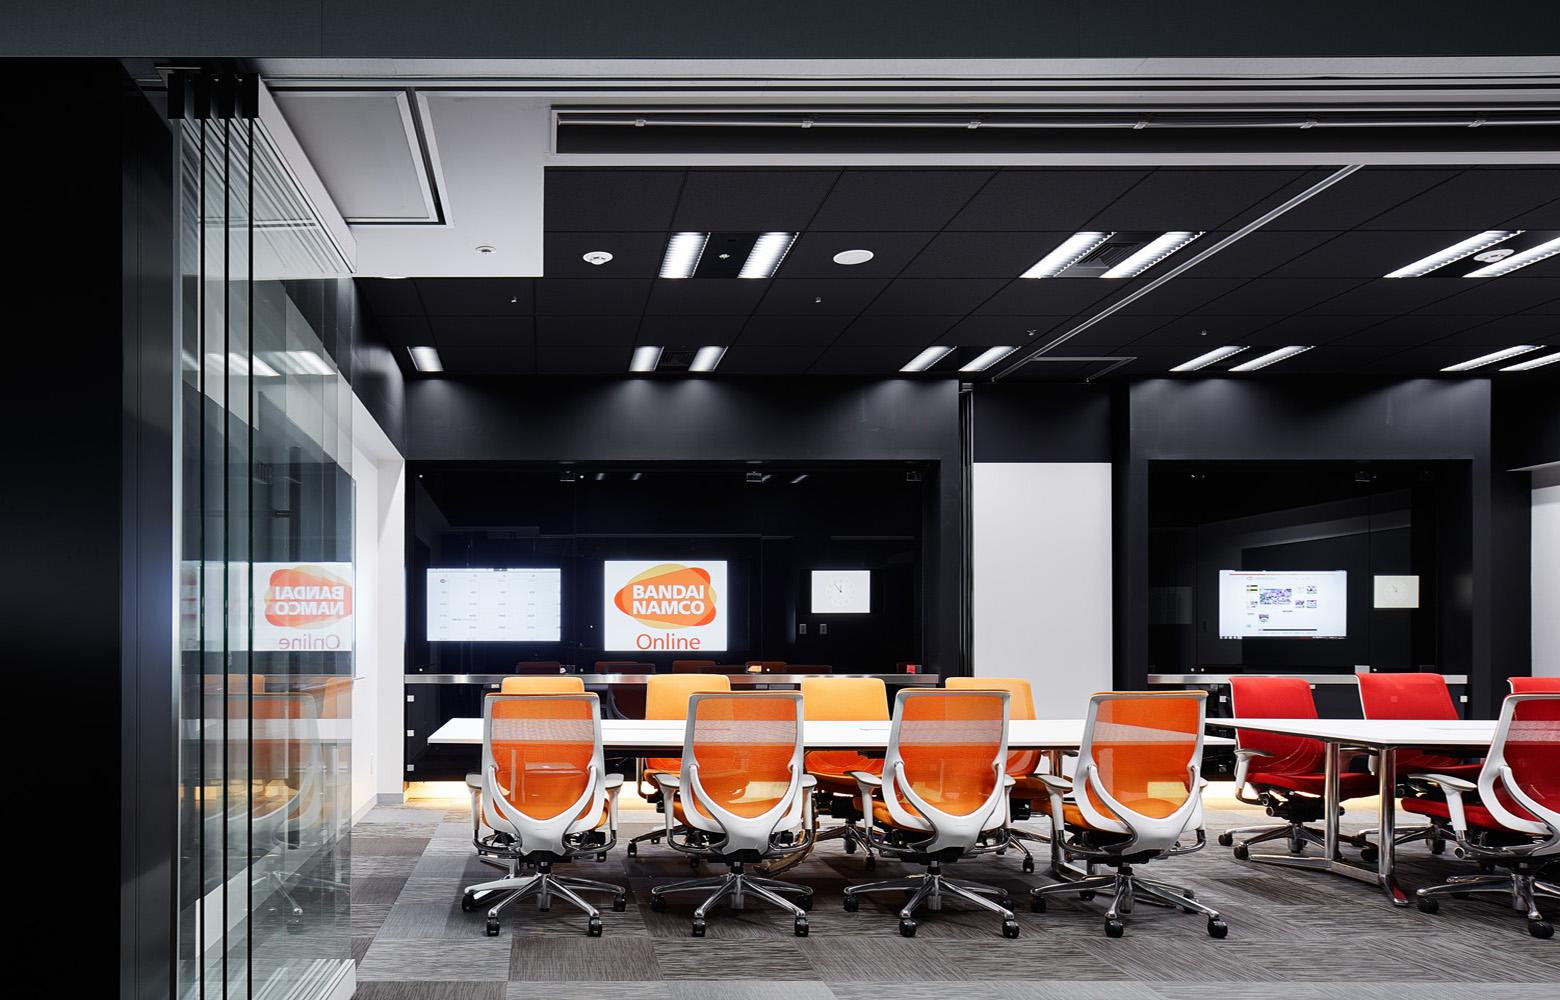 株式会社バンダイナムコオンライン Meeting Room_5 デザイン・レイアウト事例